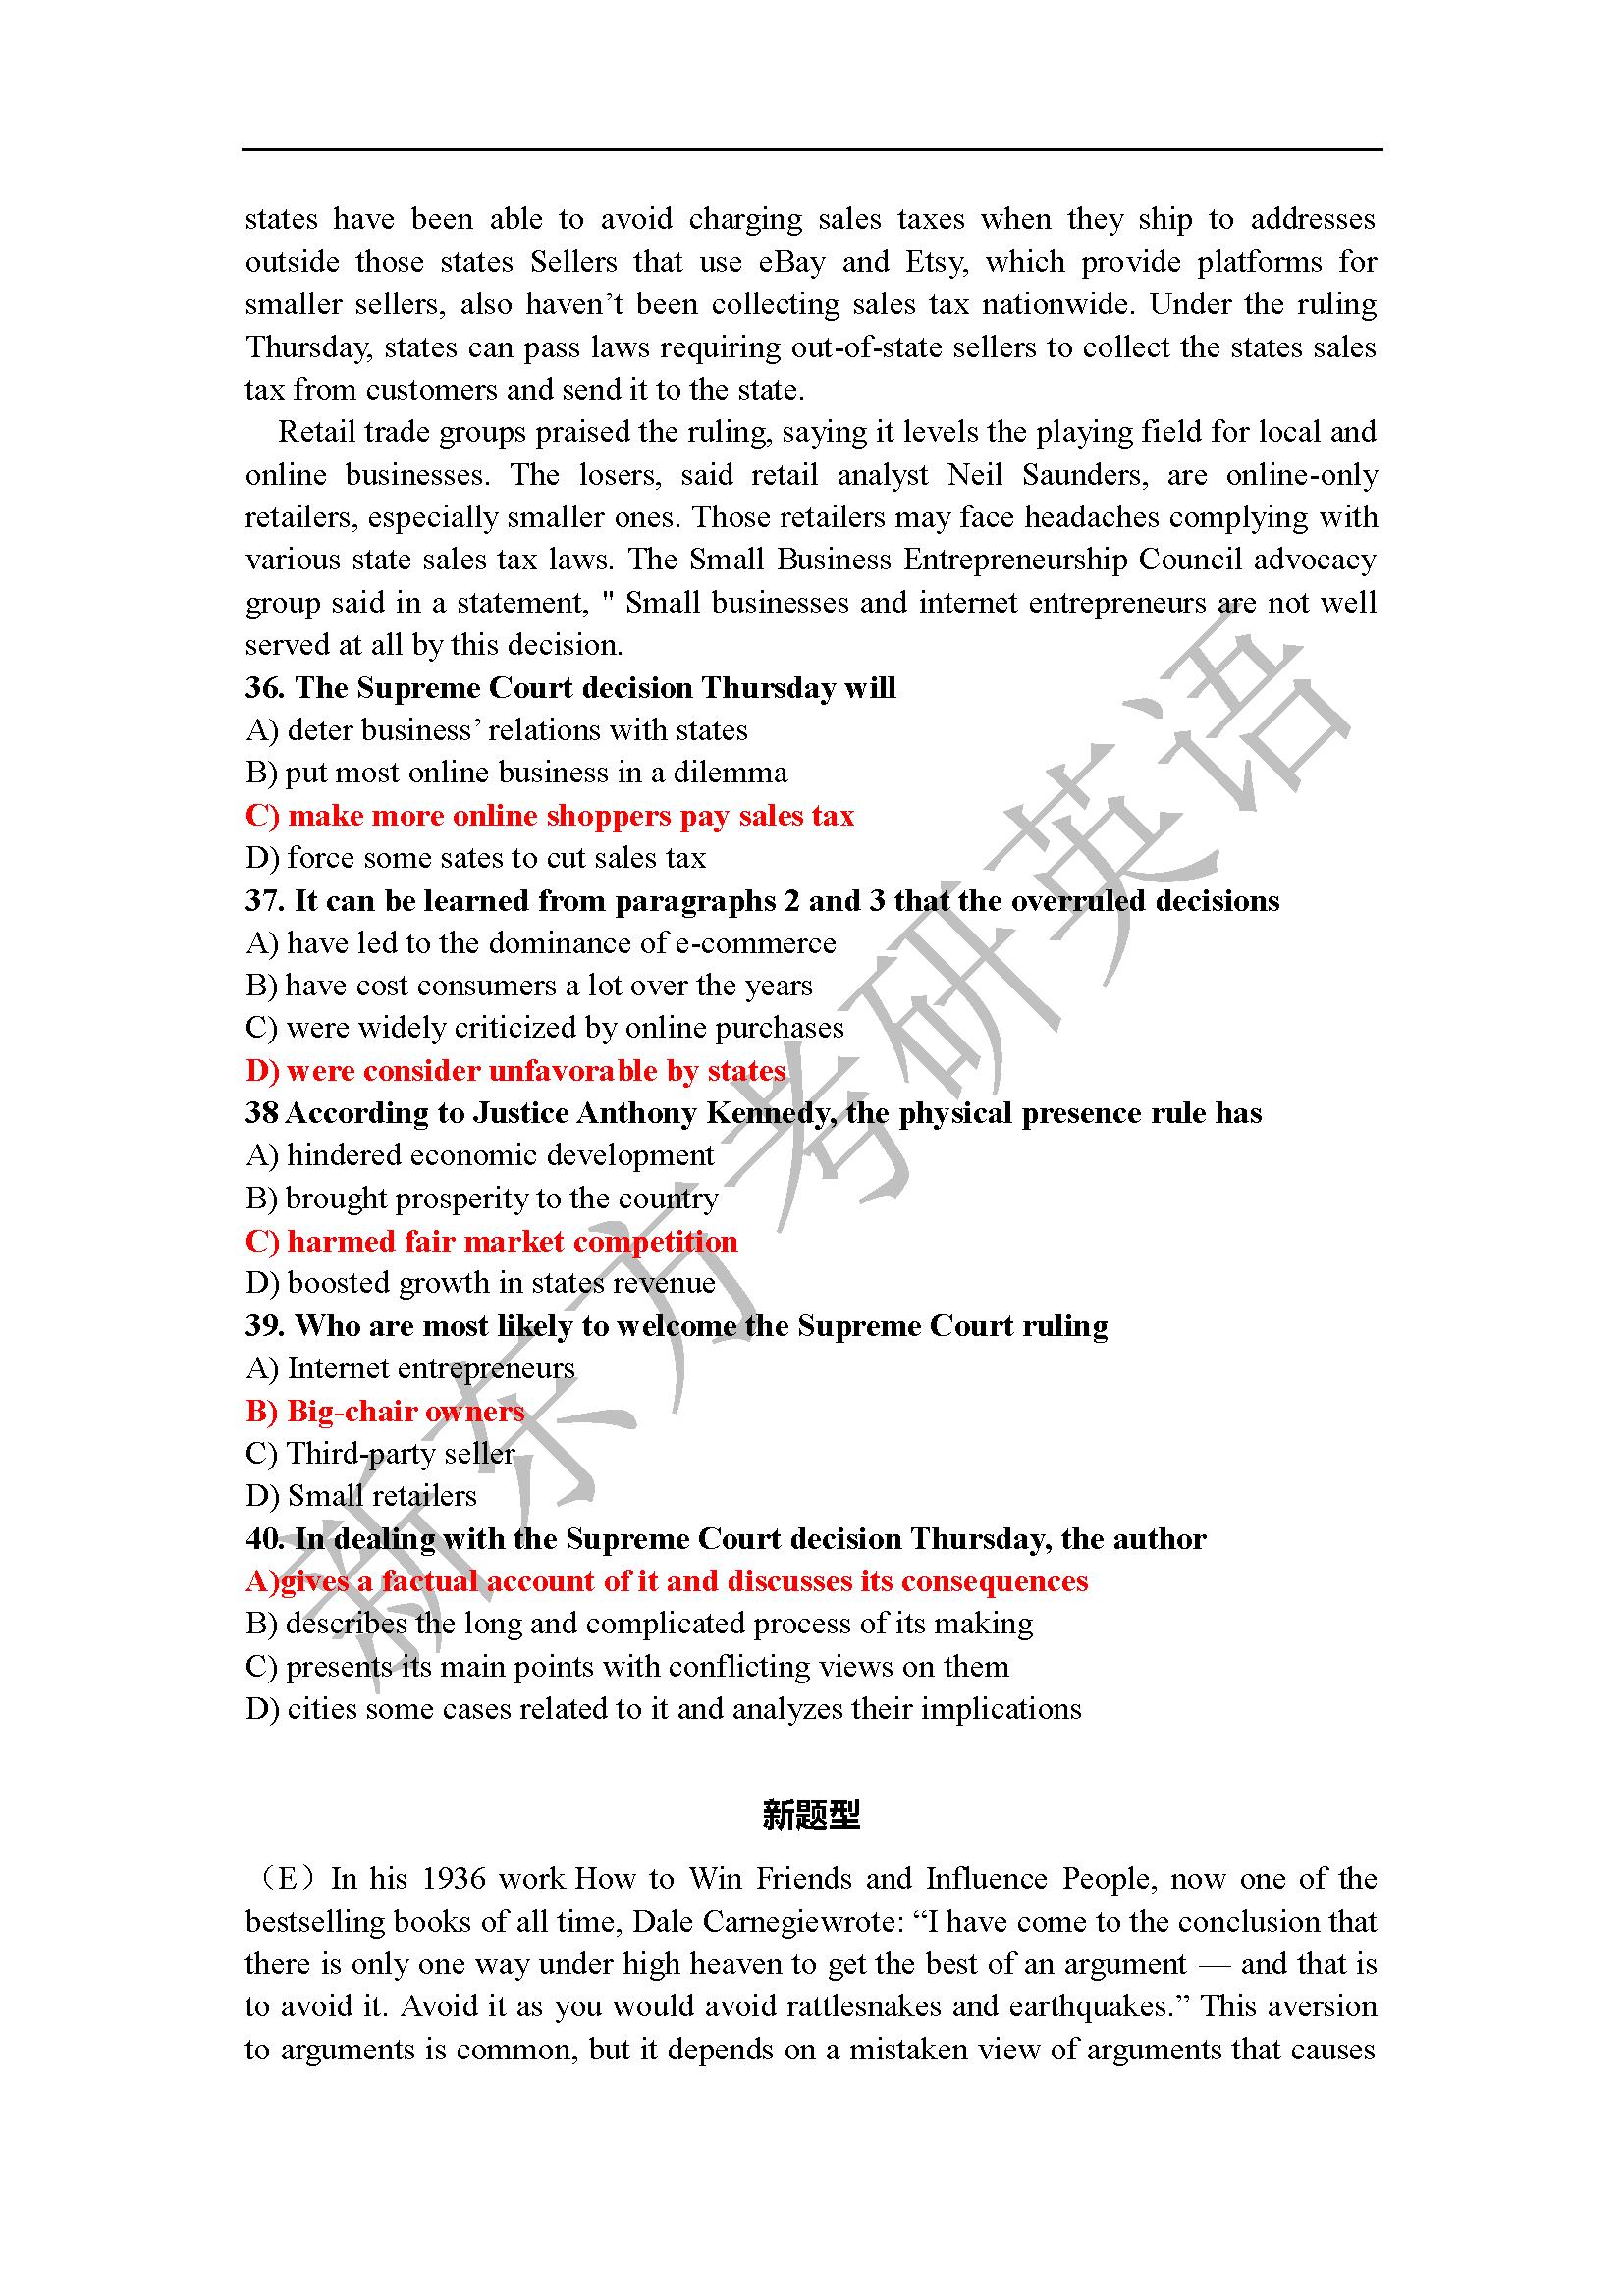 考研英语一答案